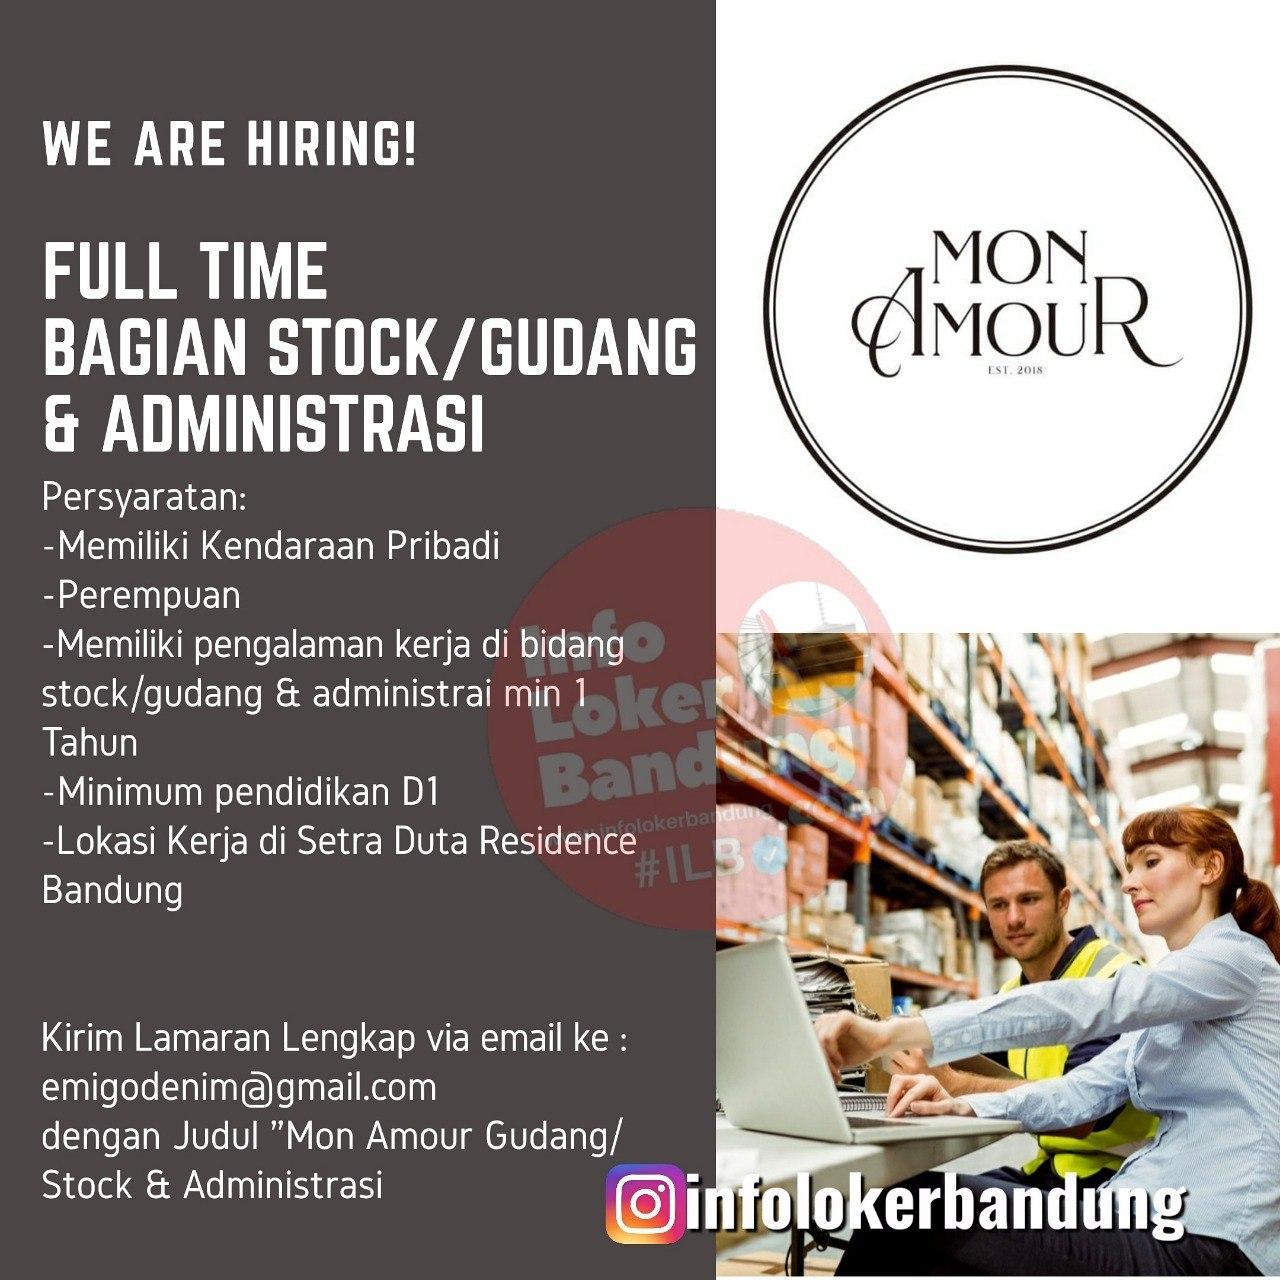 Lowongan Kerja Full Time Bagian Stock / Gudang & Administrasi Mon Amour Bandung Agustus 2020